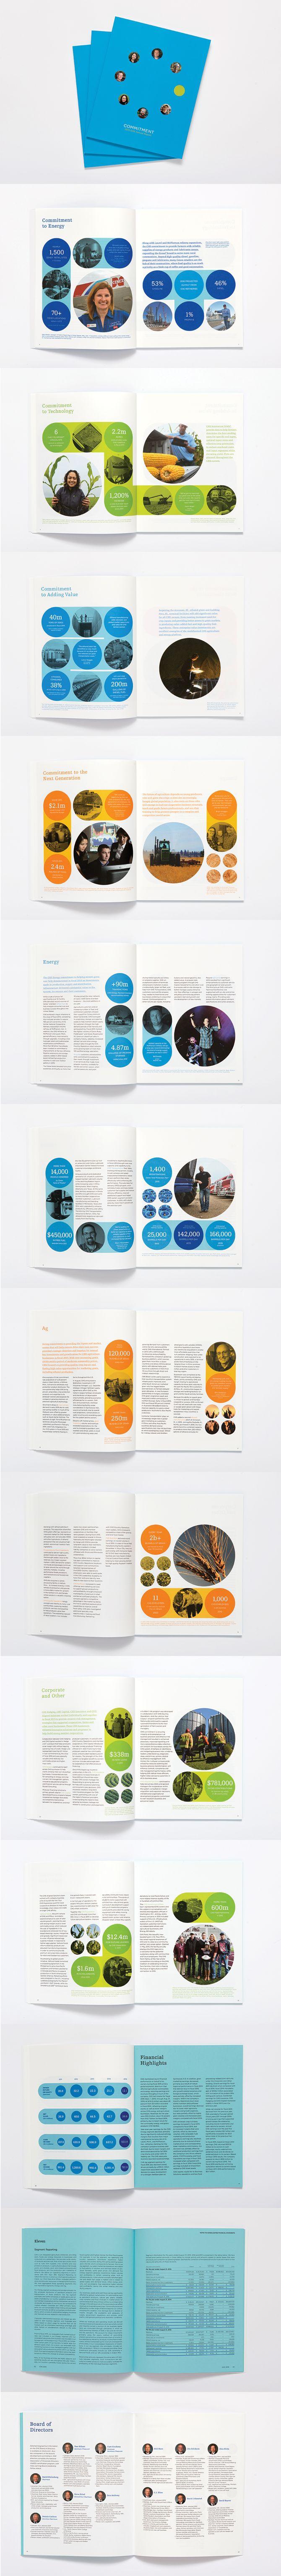 2015 CHS Annual Report - Design Portfolio of Erik Herberg